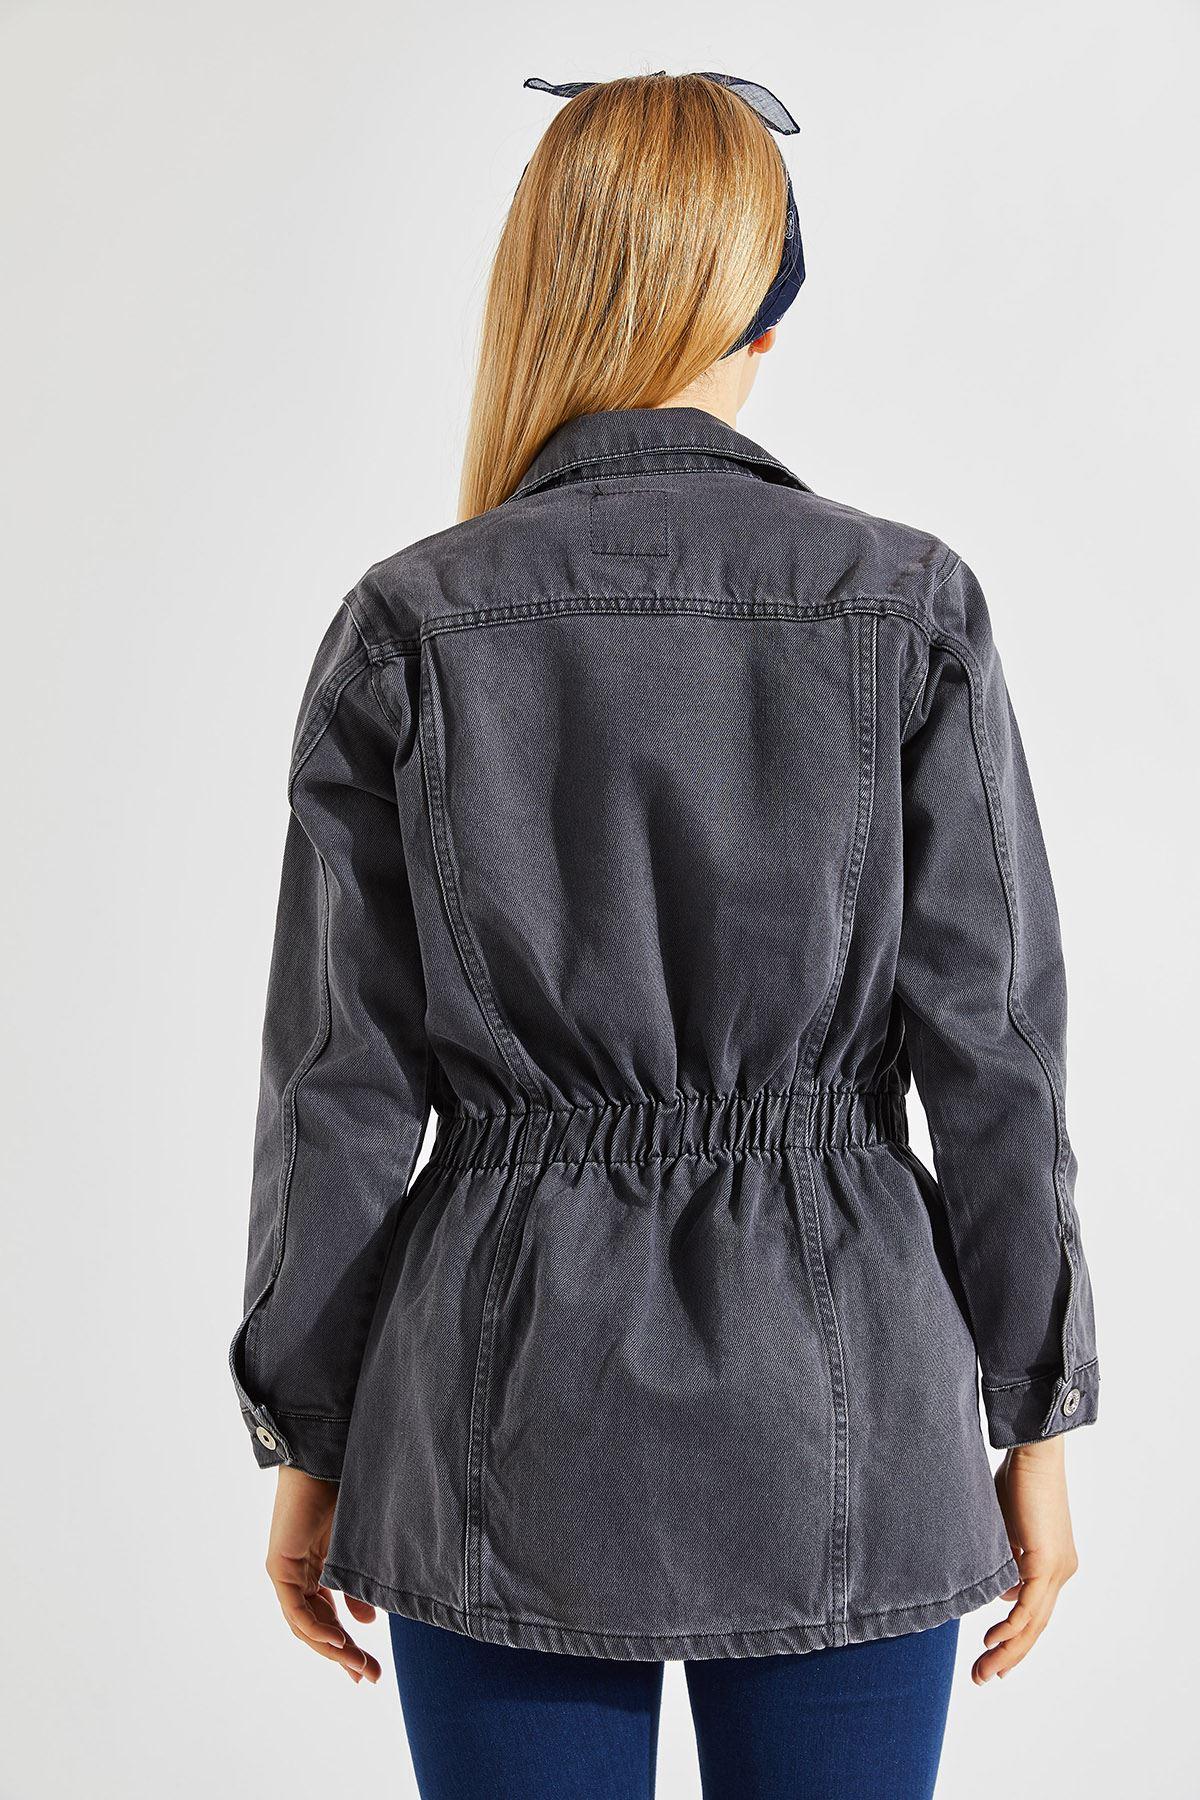 Kadın Bel Lastikli Uzun Gri Kot Ceket